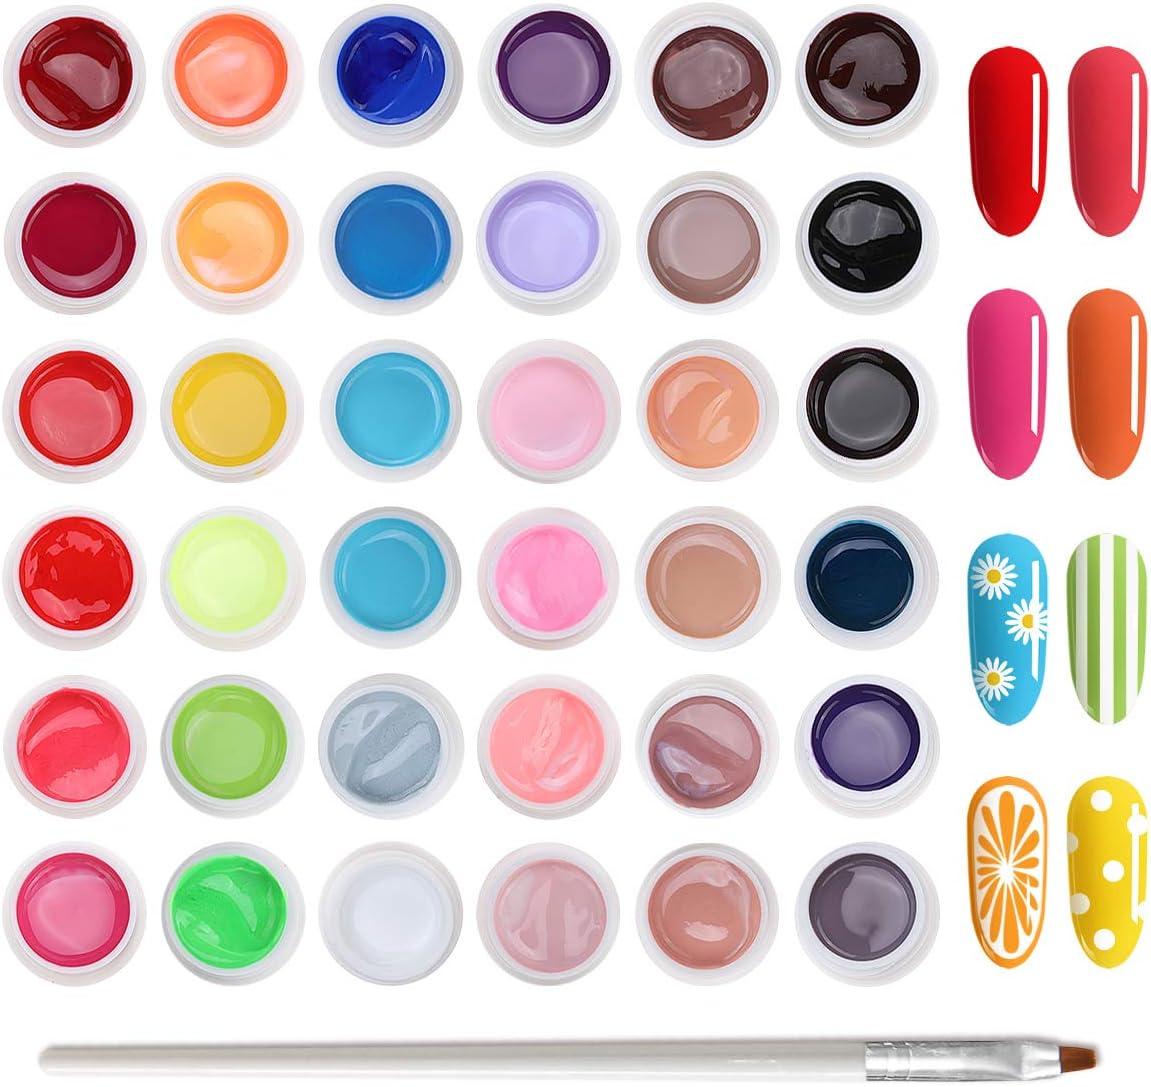 Skymore Esmalte Semipermanentes, 36 Colores de Esmalte de Uñas Semipermanente, Set de Uñas de Esmalte en UV Poli Gel Pegamento Sólido